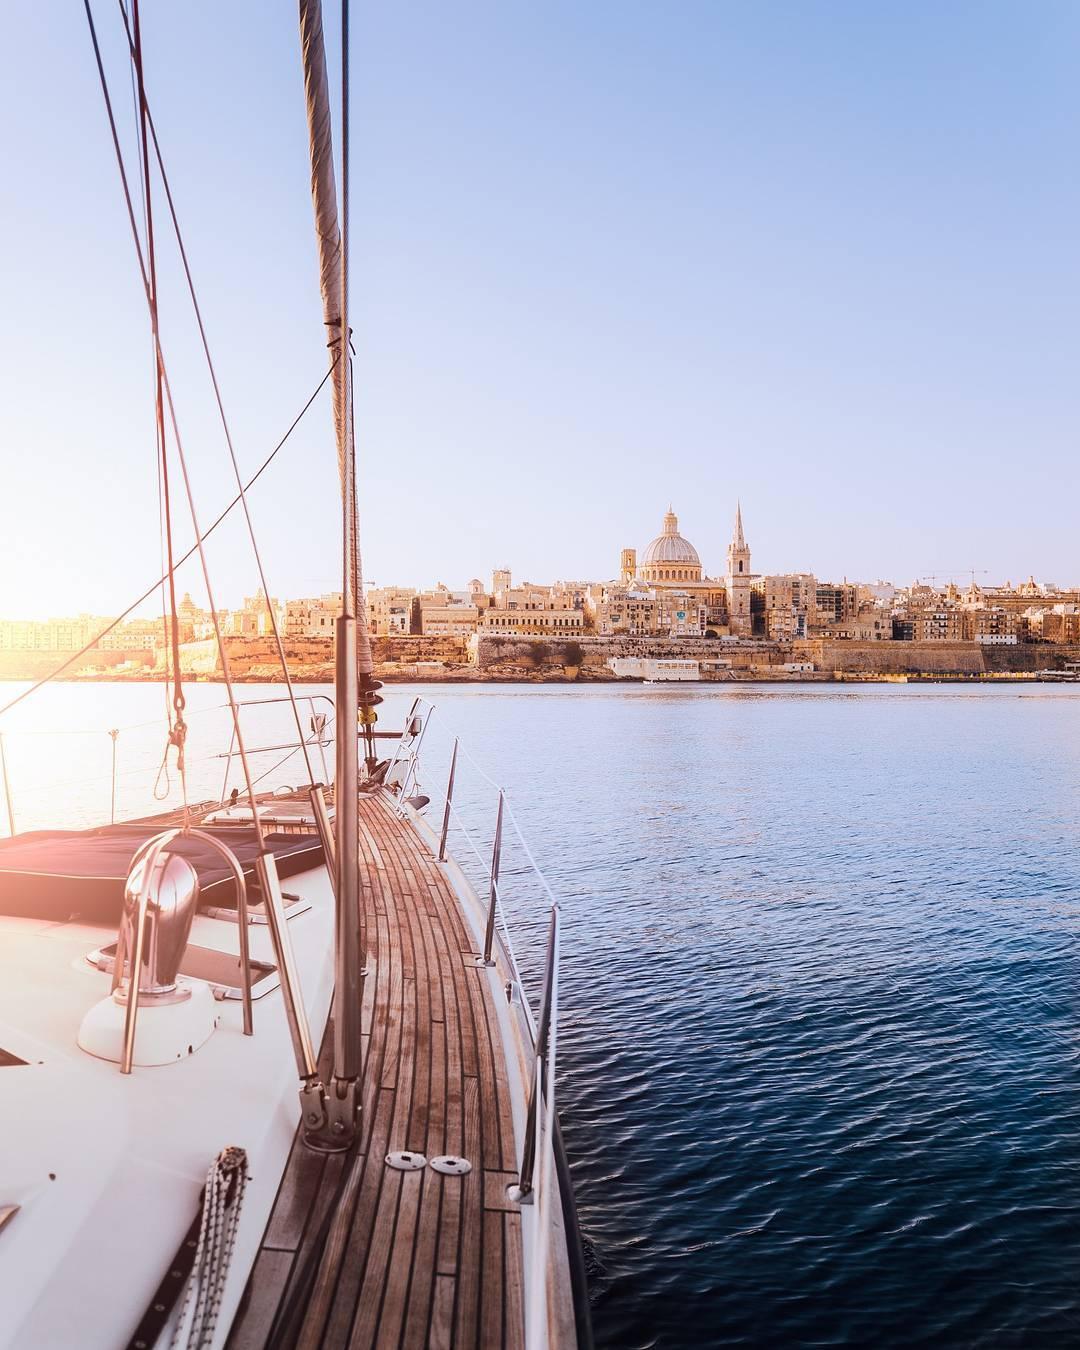 Где отдыхать в 2018 году: идеи от опытных путешественников-Фото 5